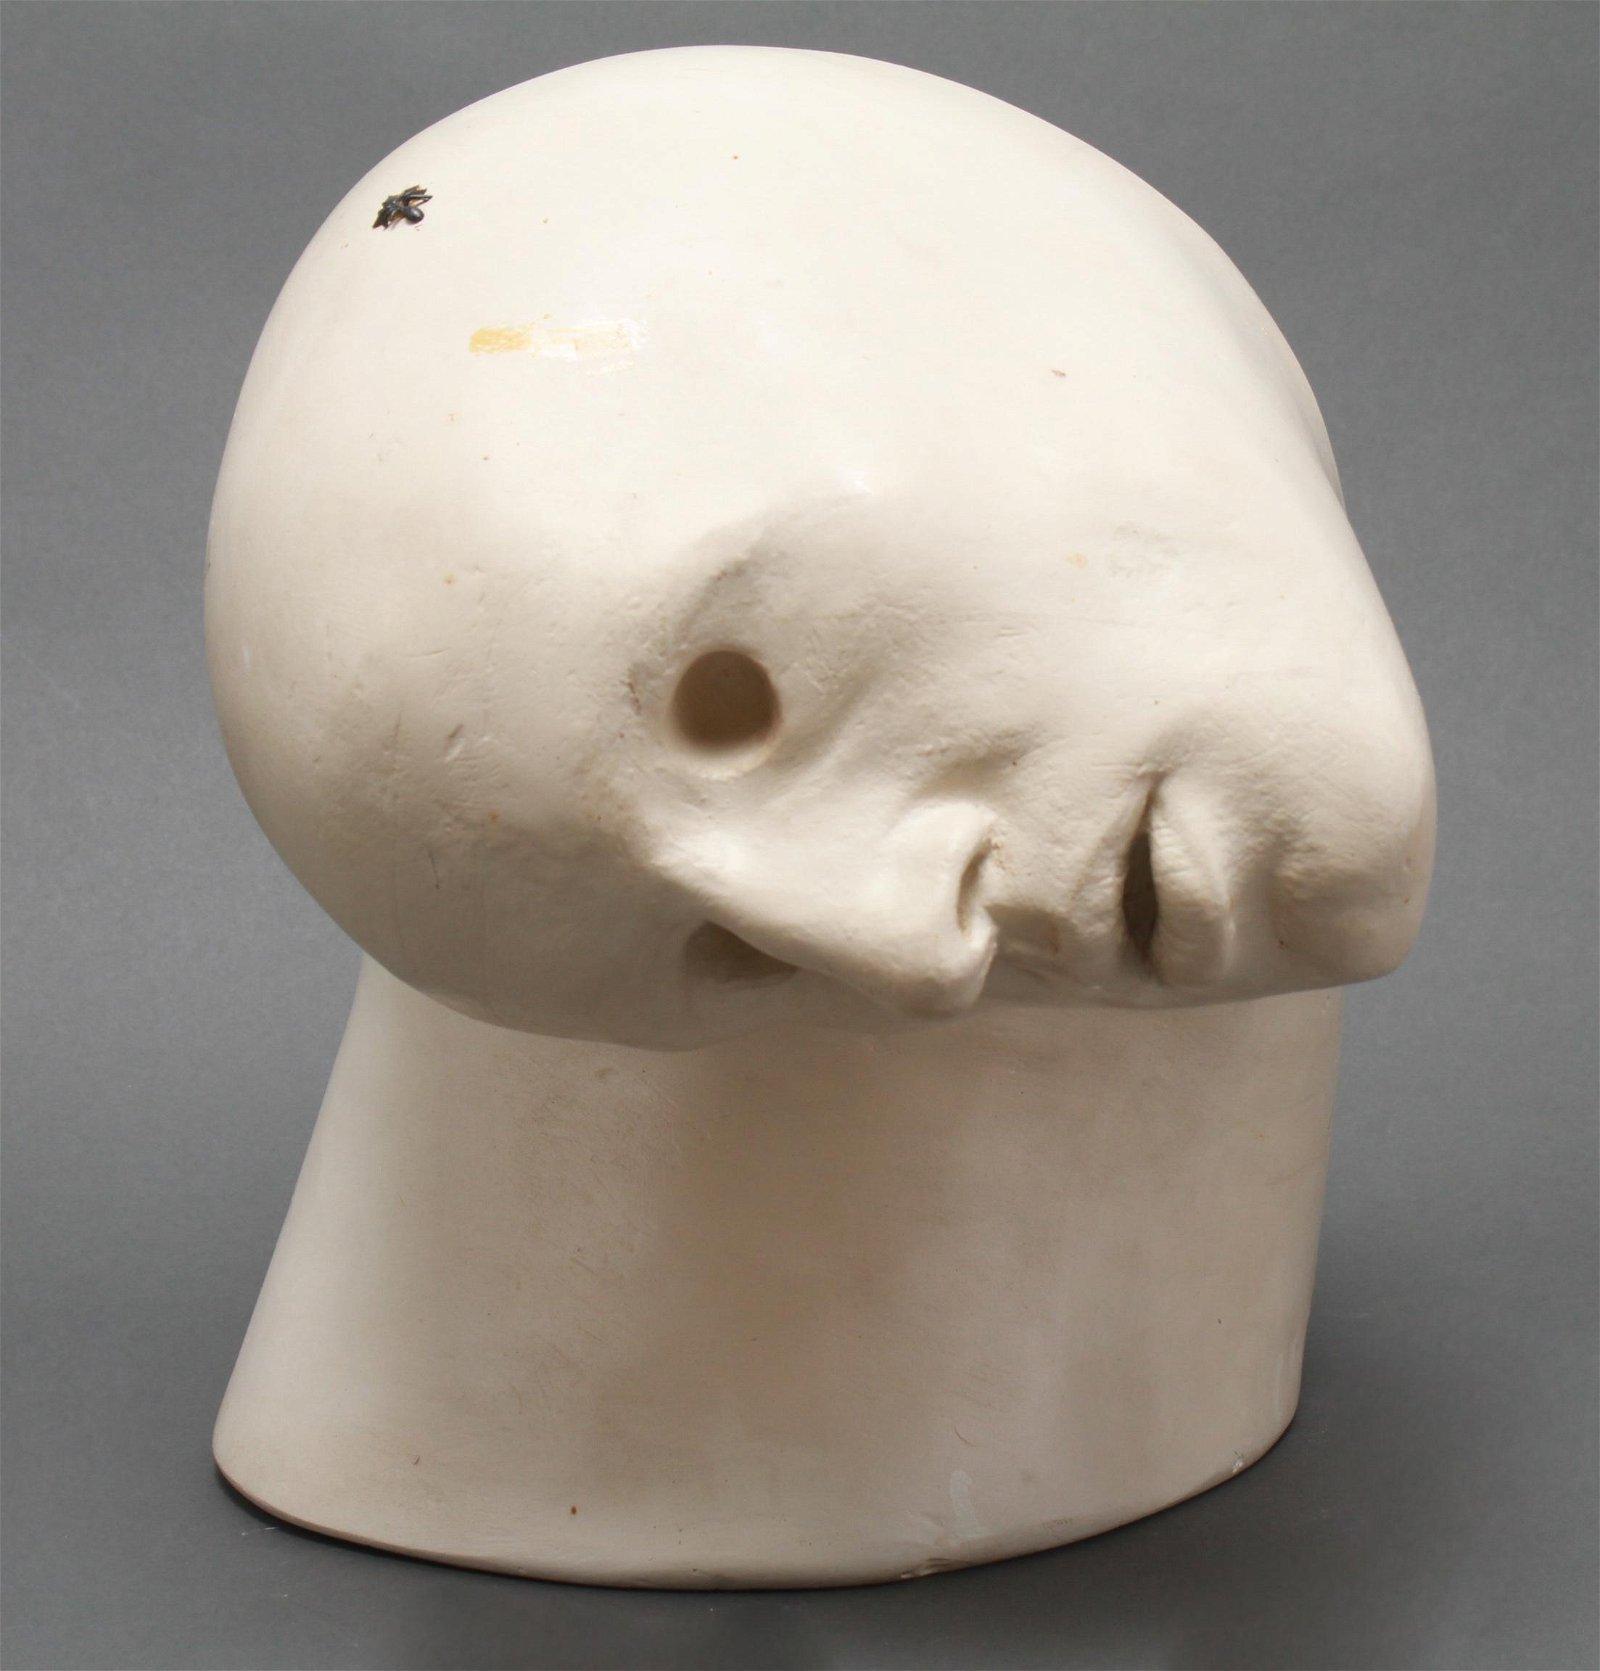 Richard Etts Modern Plaster Sculpture of a Head